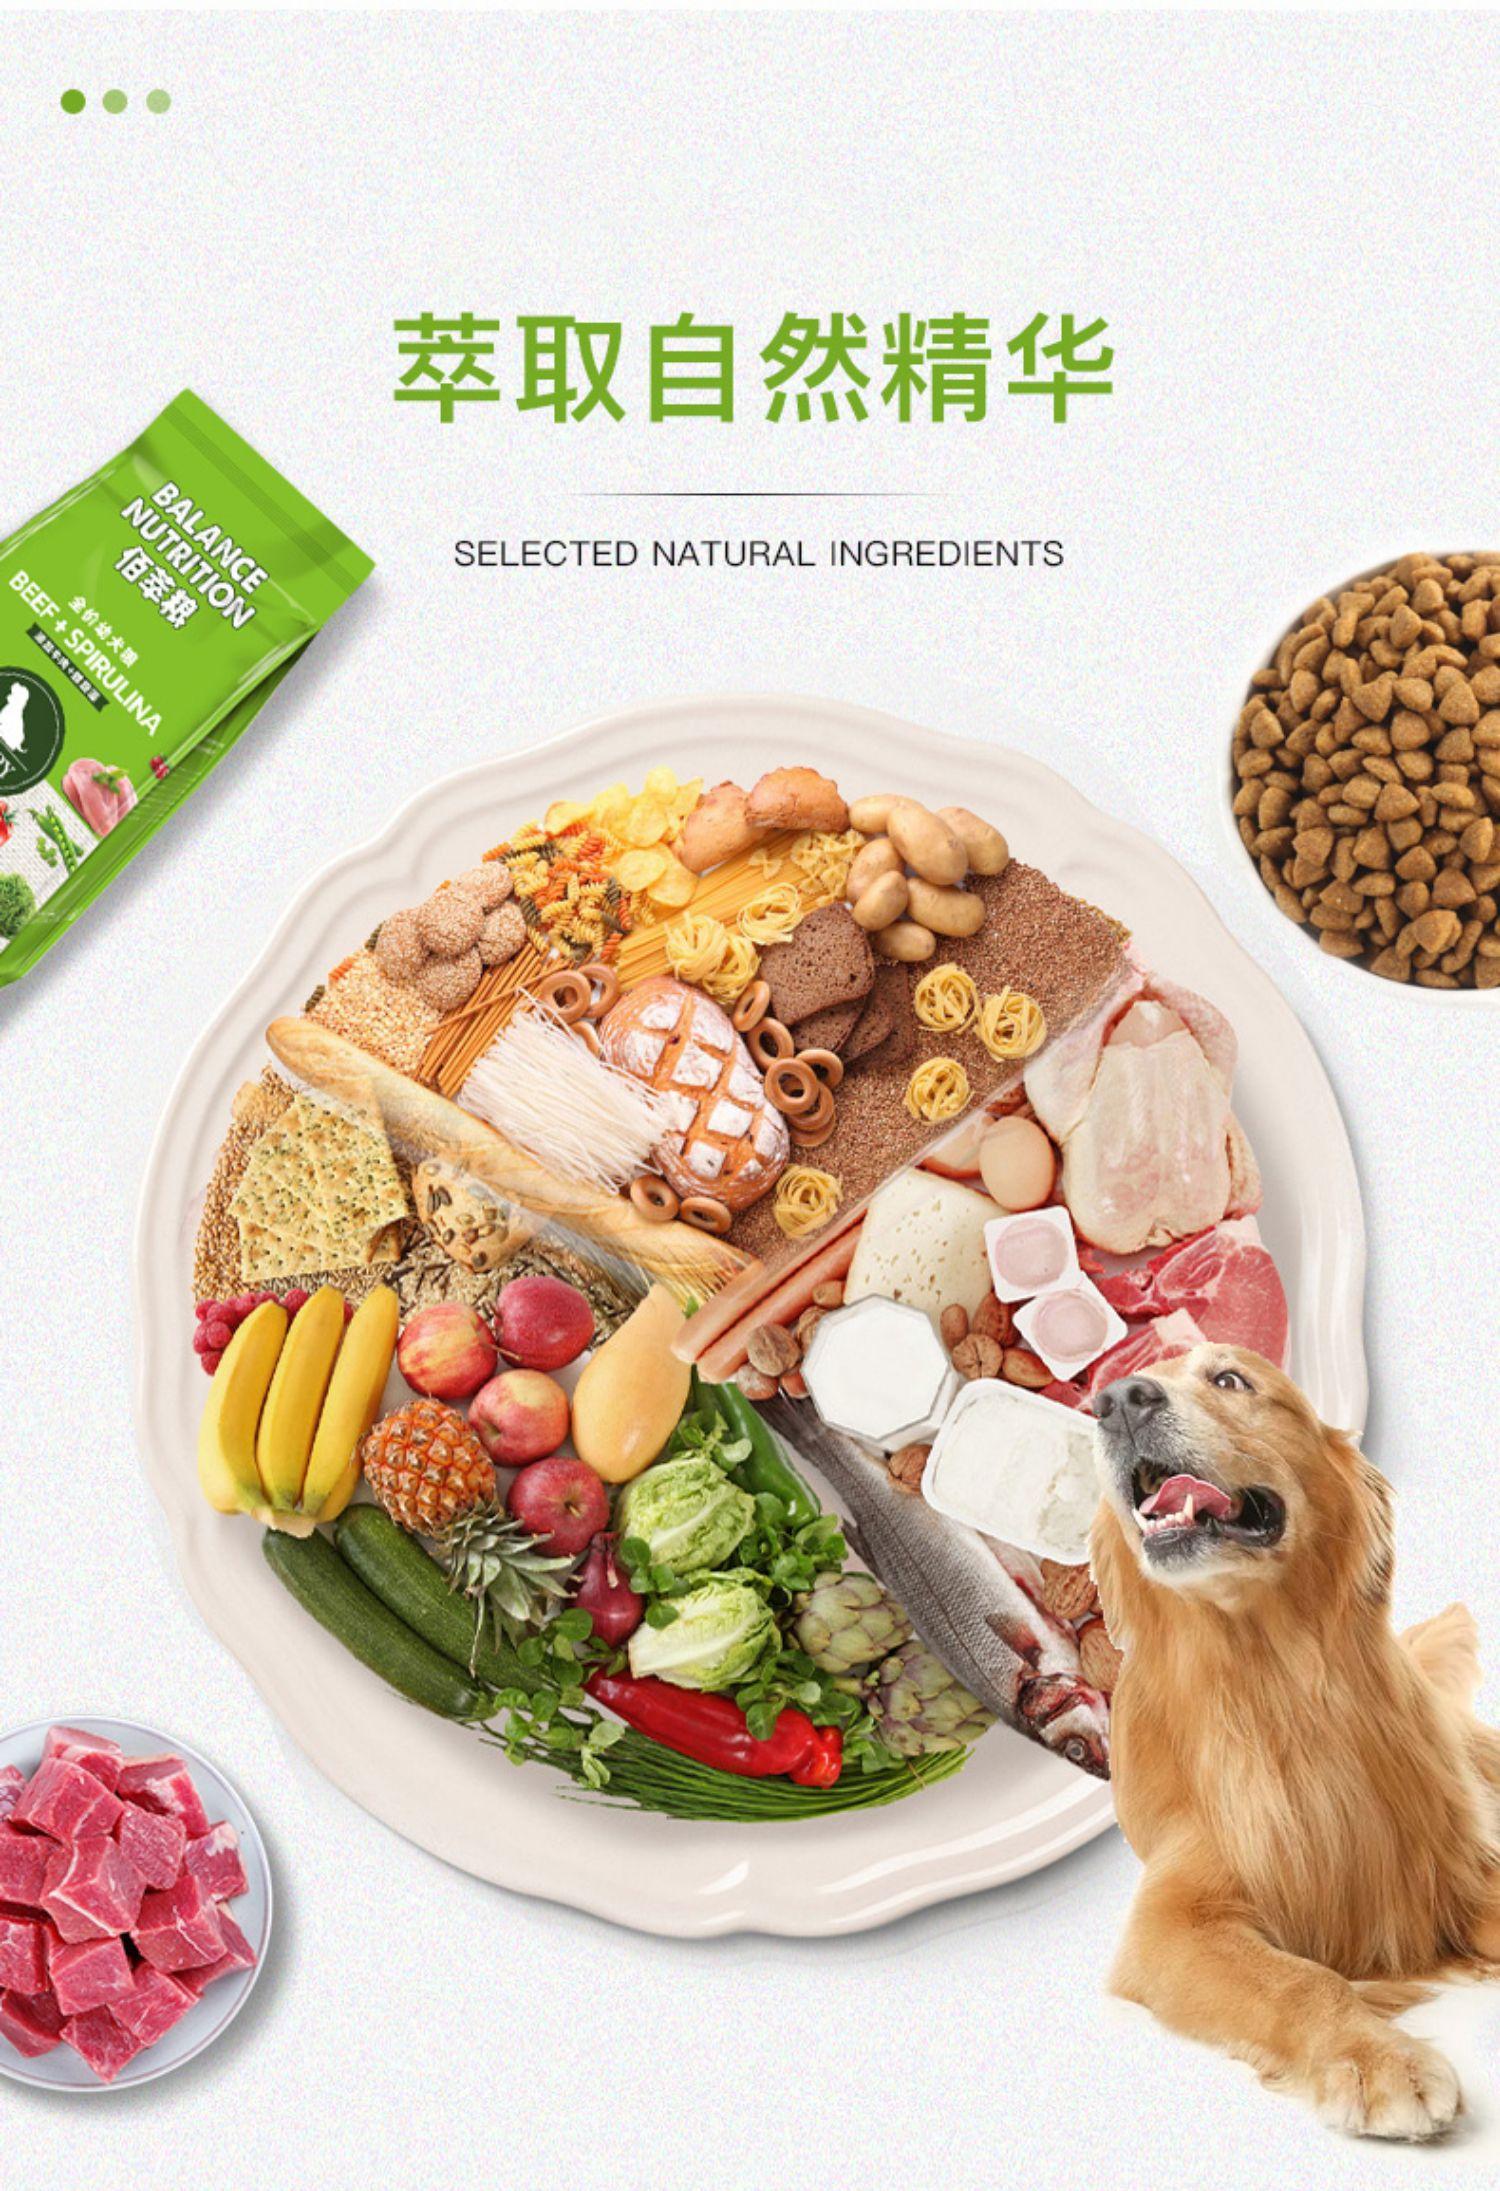 麦富迪佰萃狗粮18kg大中小幼犬专用柯基泰迪金毛通用型粮36斤商品详情图